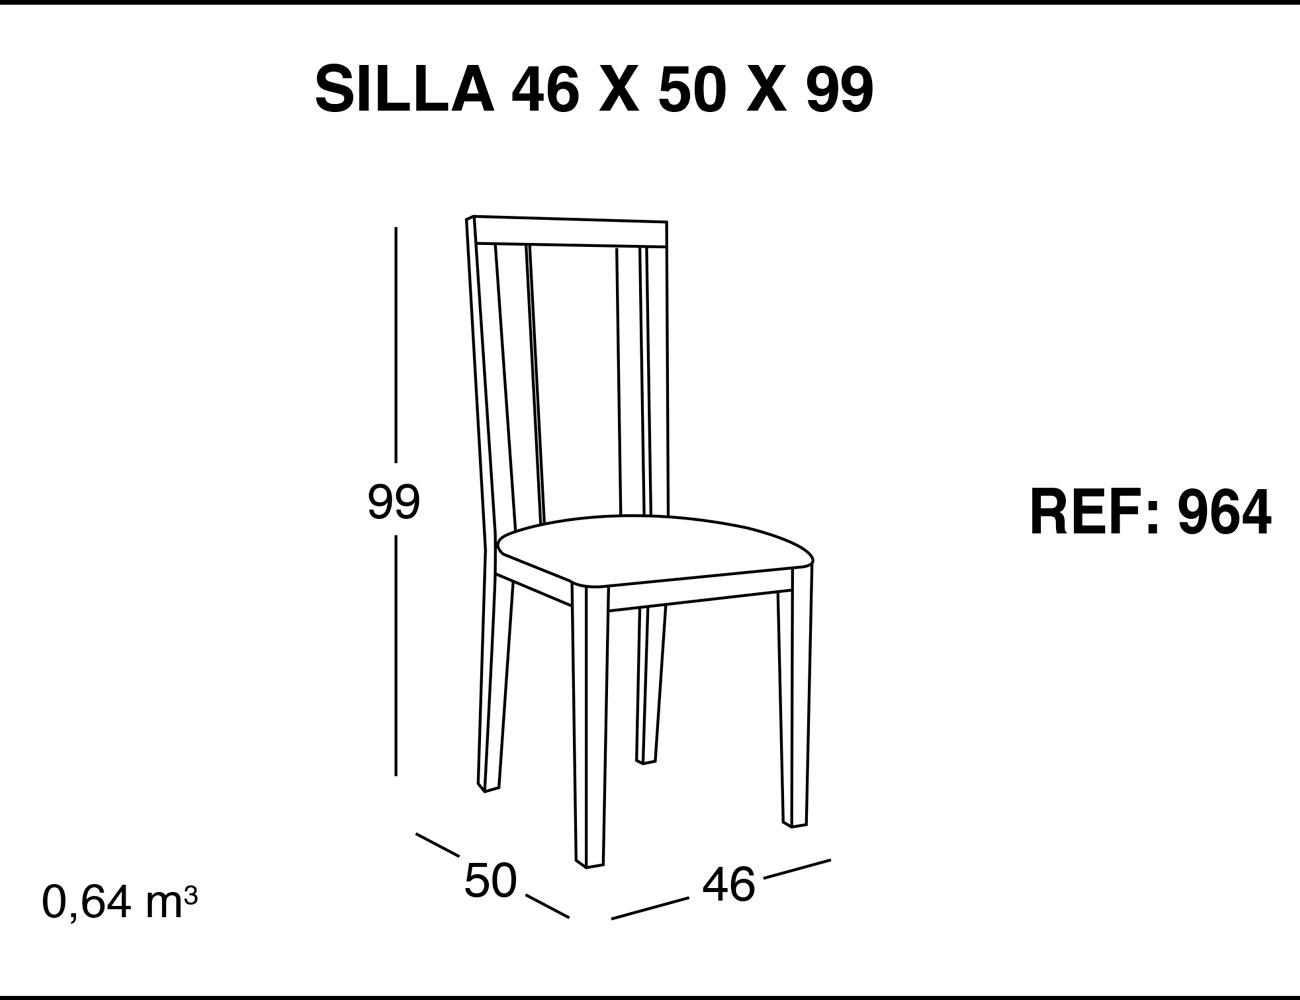 Silla 46 50 992